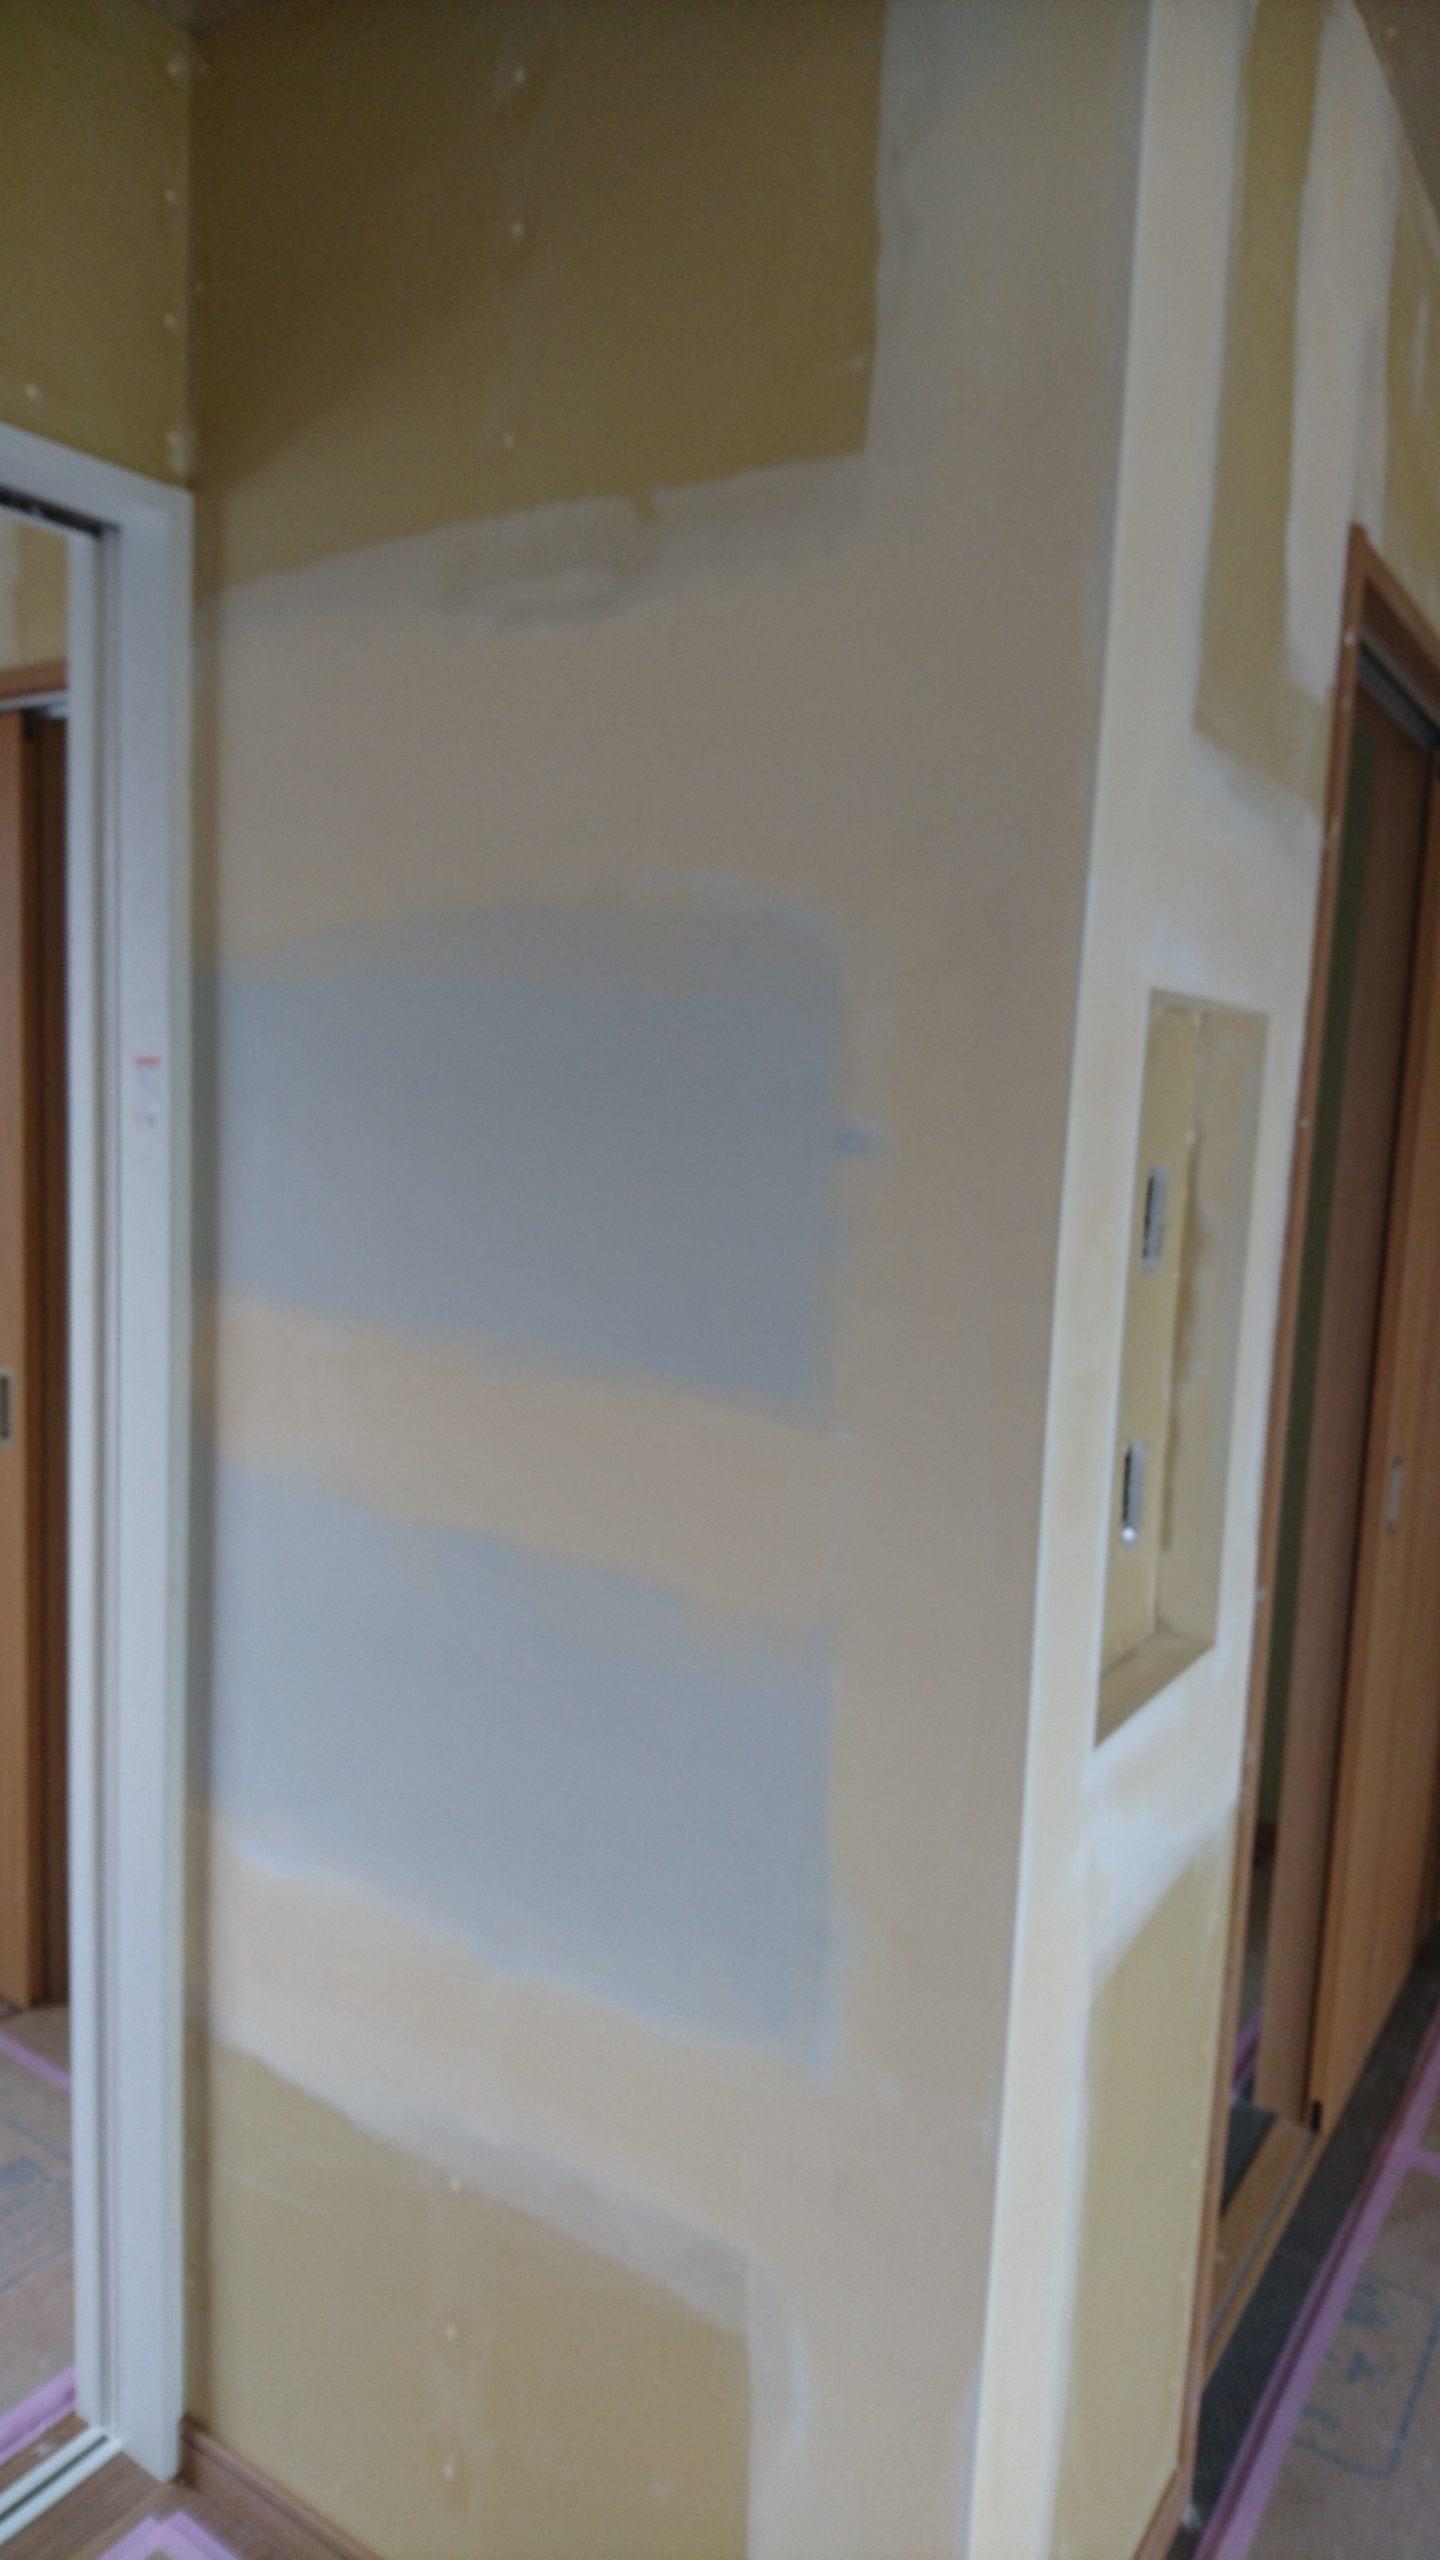 マグネットが使える壁紙 ハウジングアイ 水戸市の新築住宅 リフォーム 増改築 損害保険